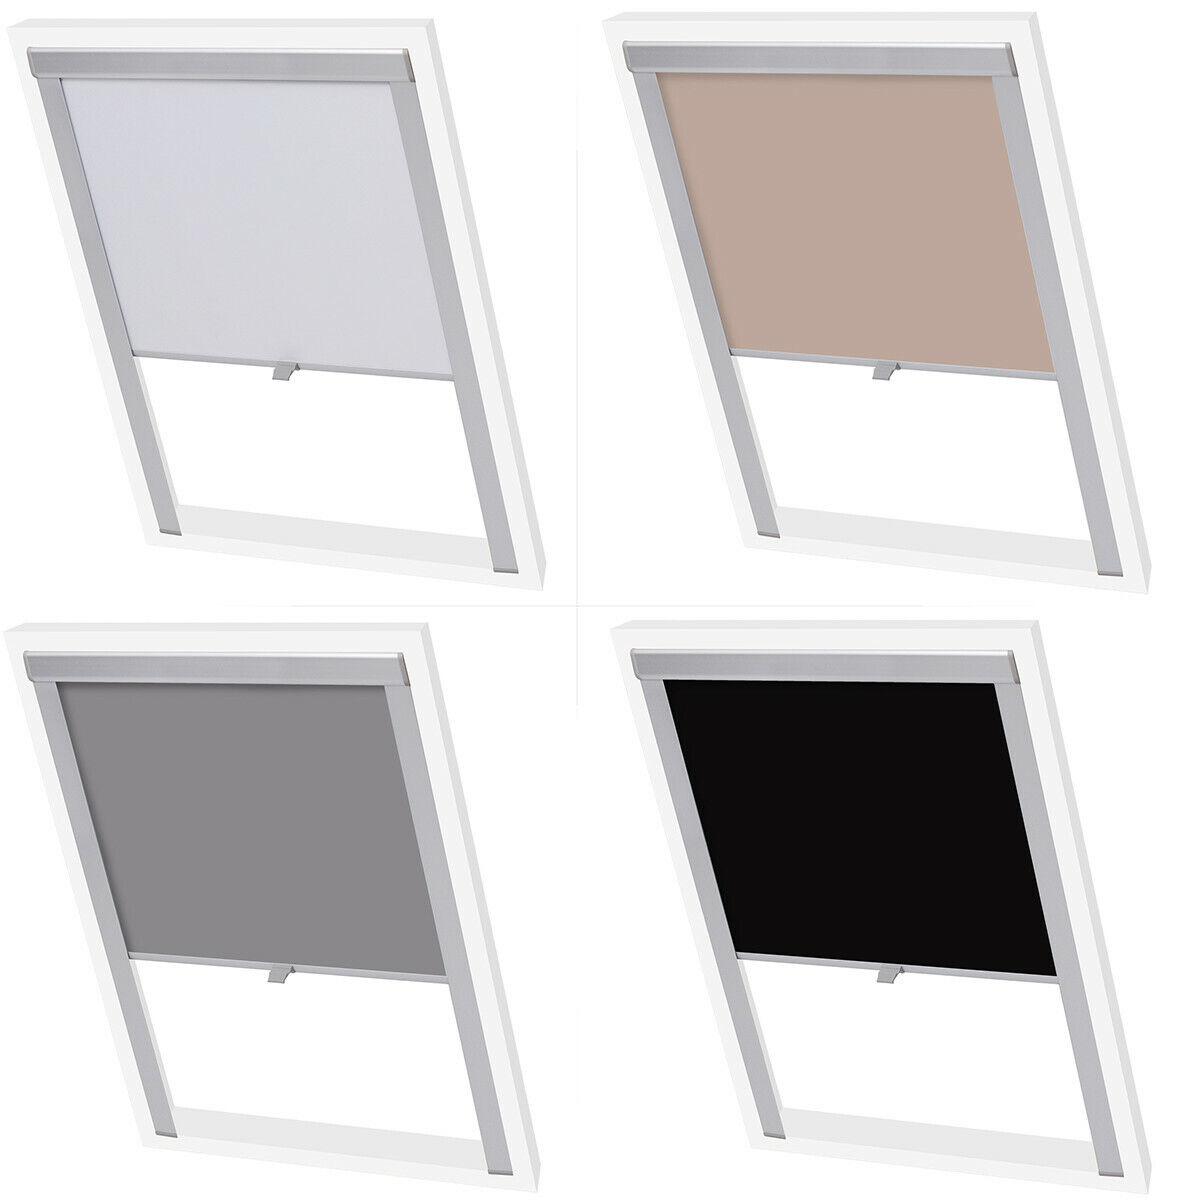 C02 VELUX Original Blackout Blind Roof Windows Silver Frame DKL Dark Blue